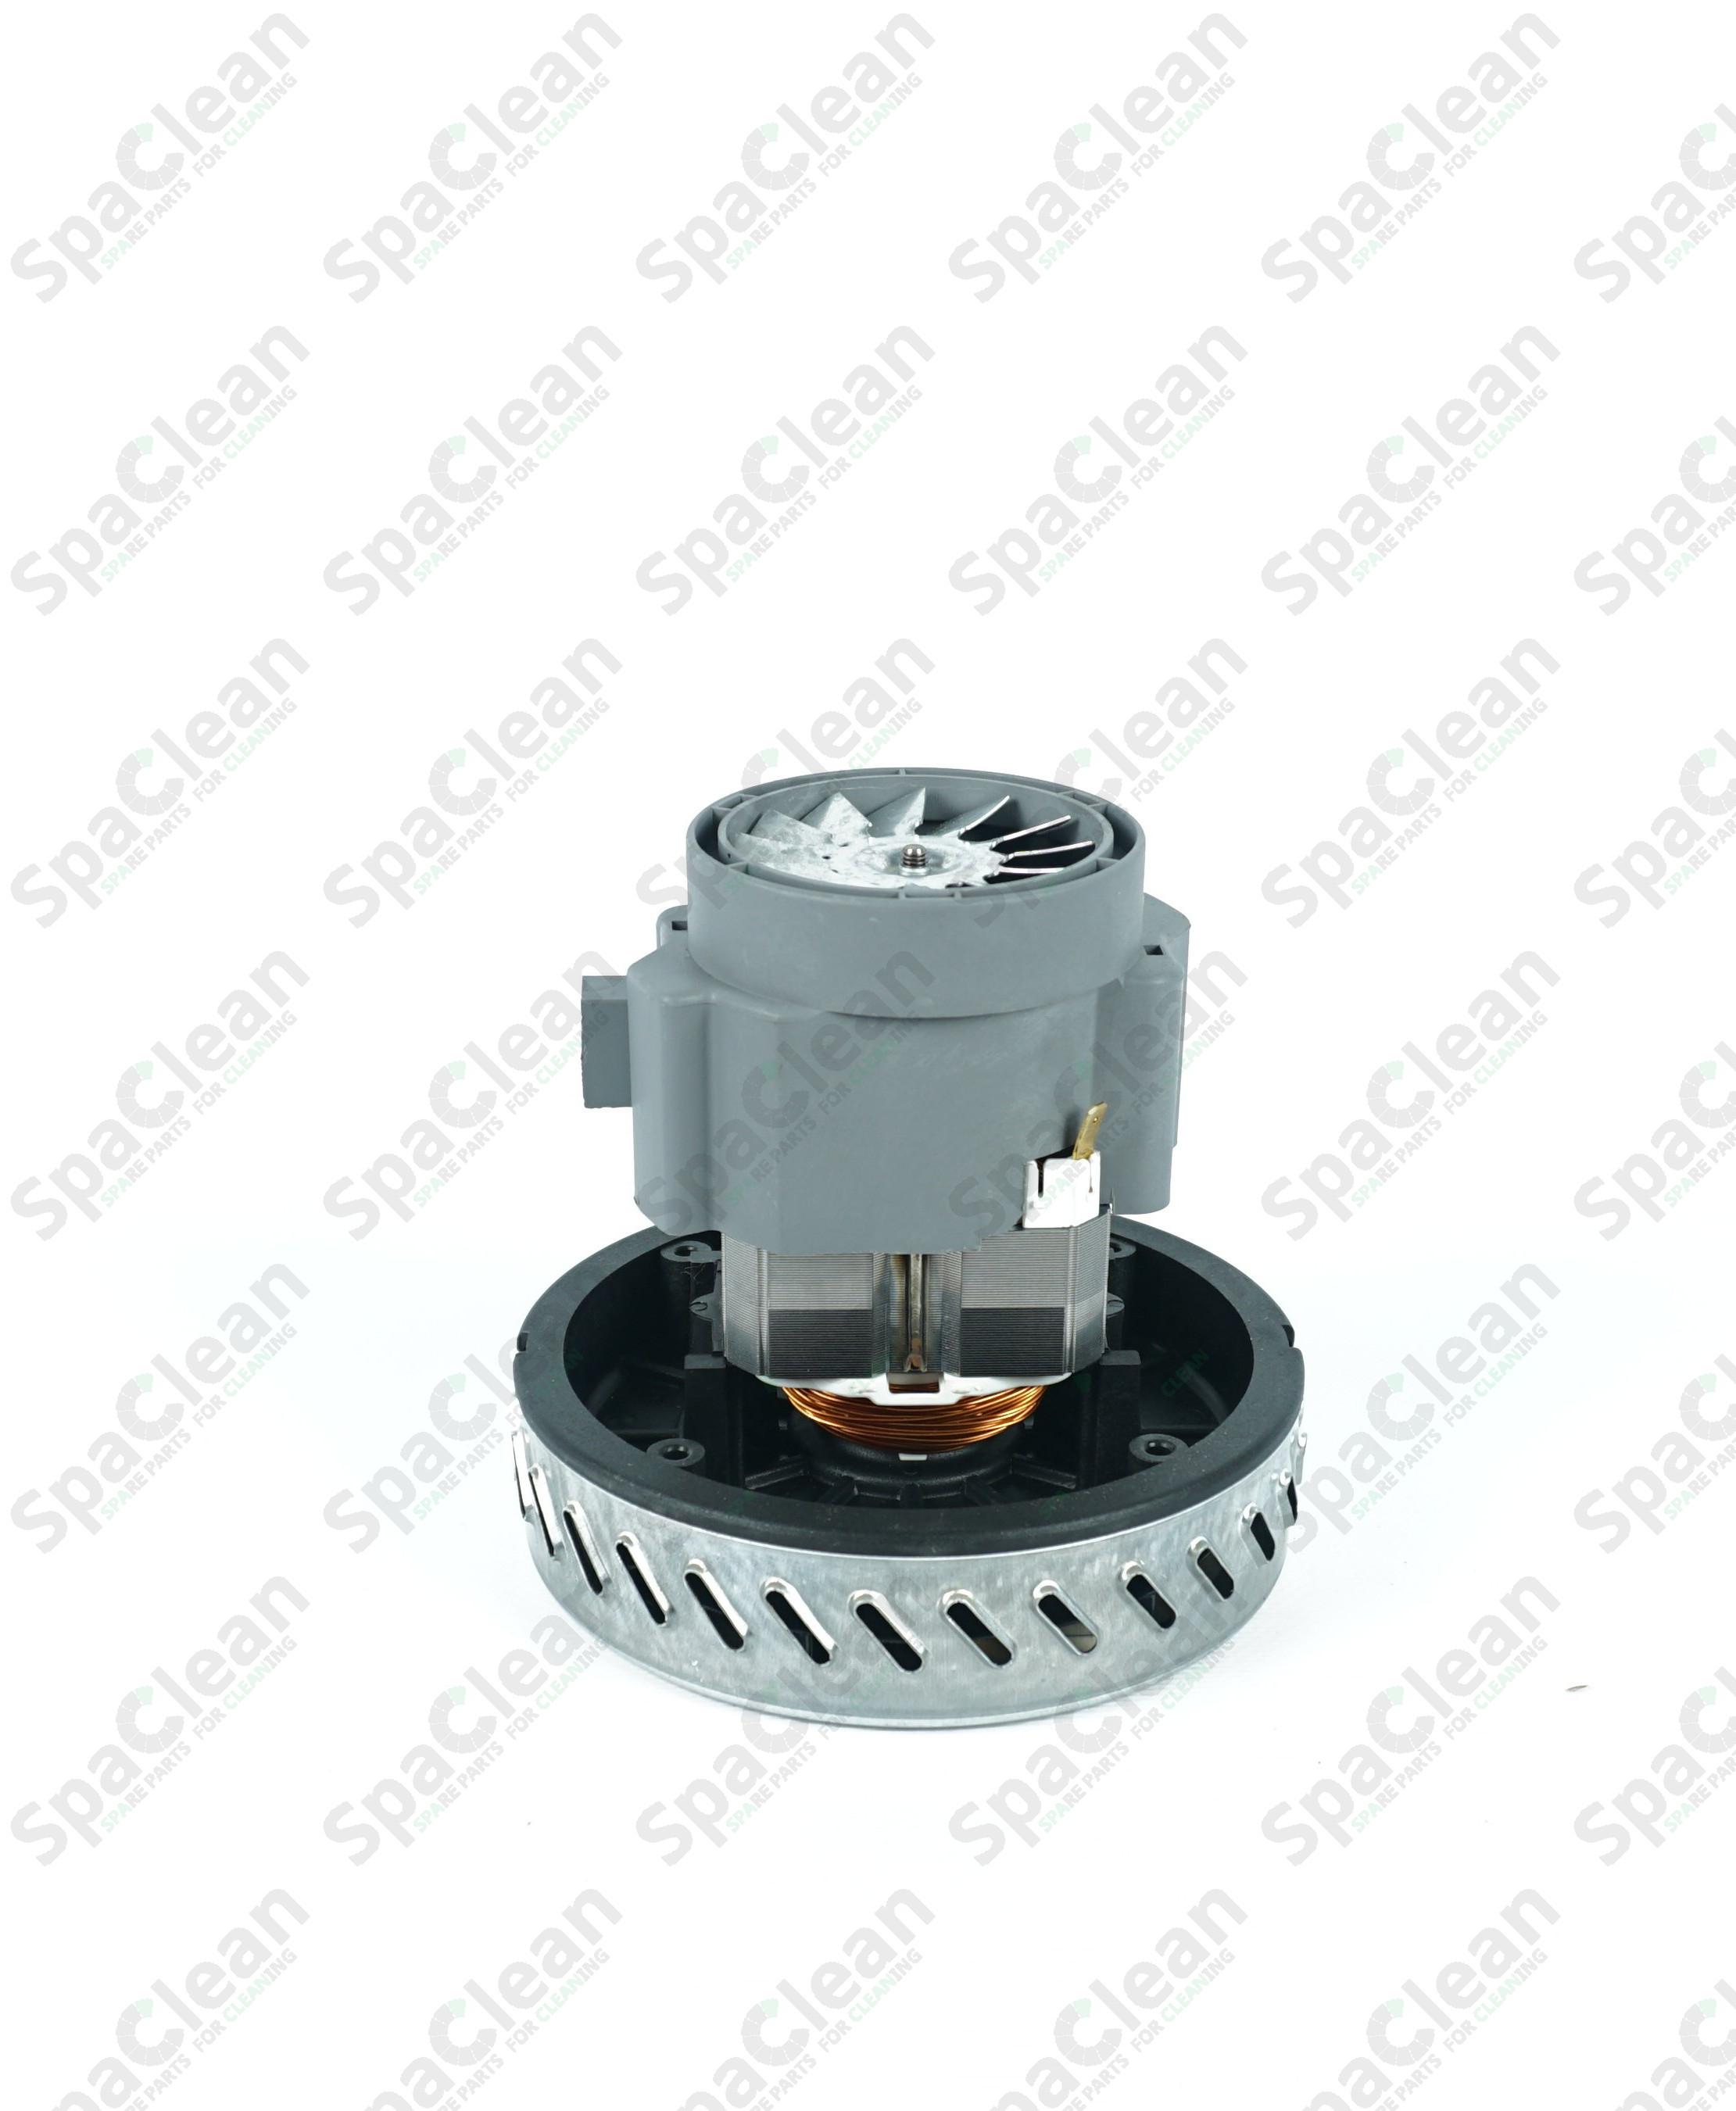 Вакуумный мотор Ametek 230V 1200W Одностадийный 063400037.00